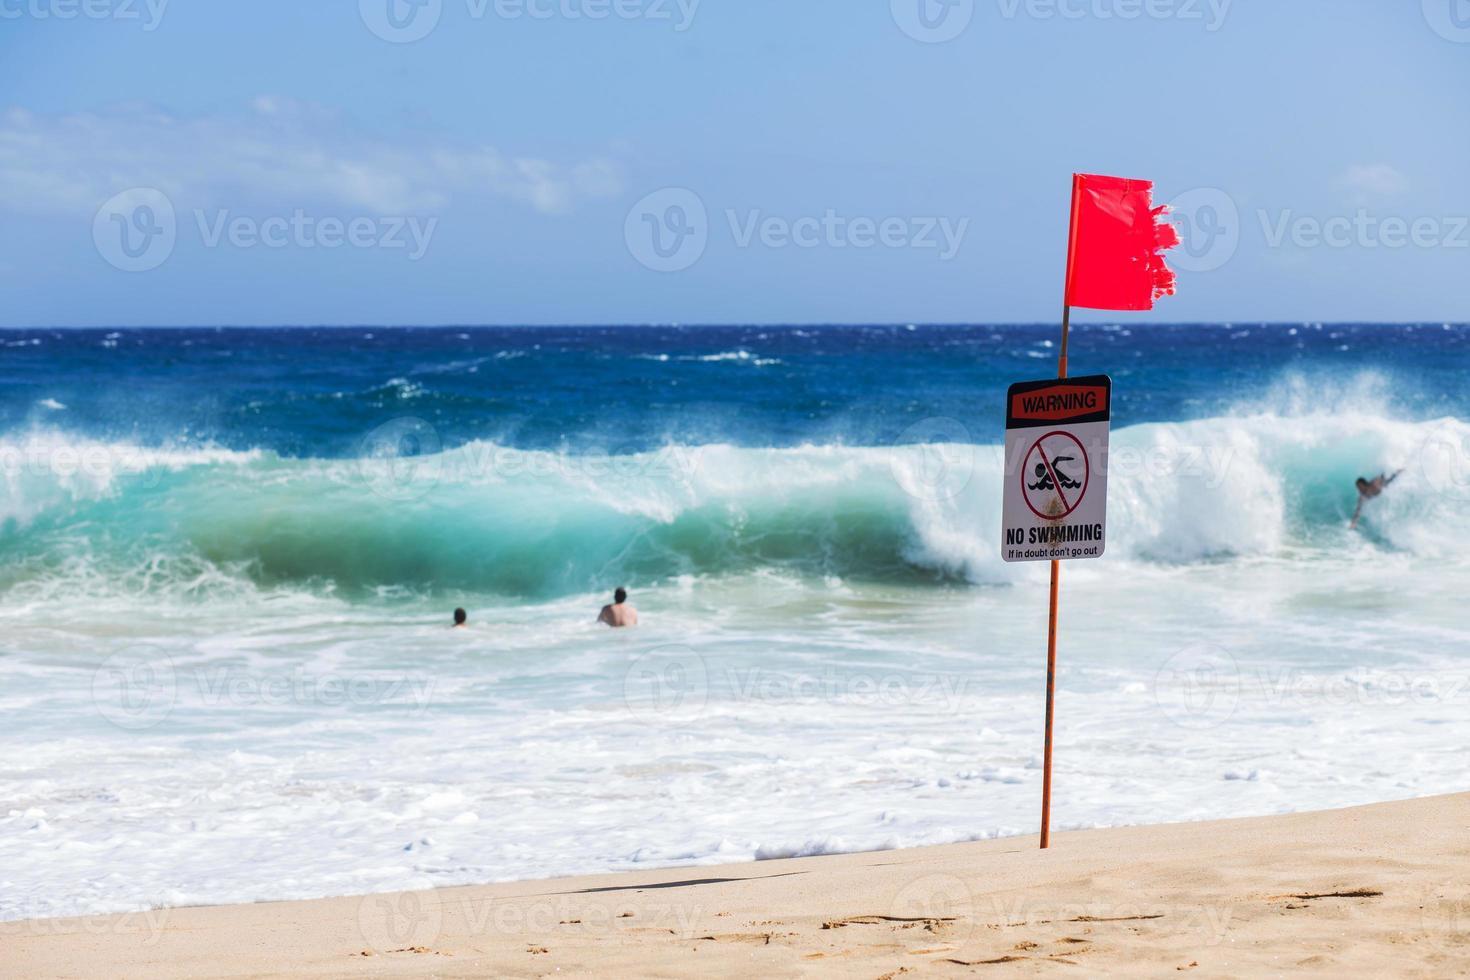 waarschuwing geen zwemmen bord met sterke zeegolf foto